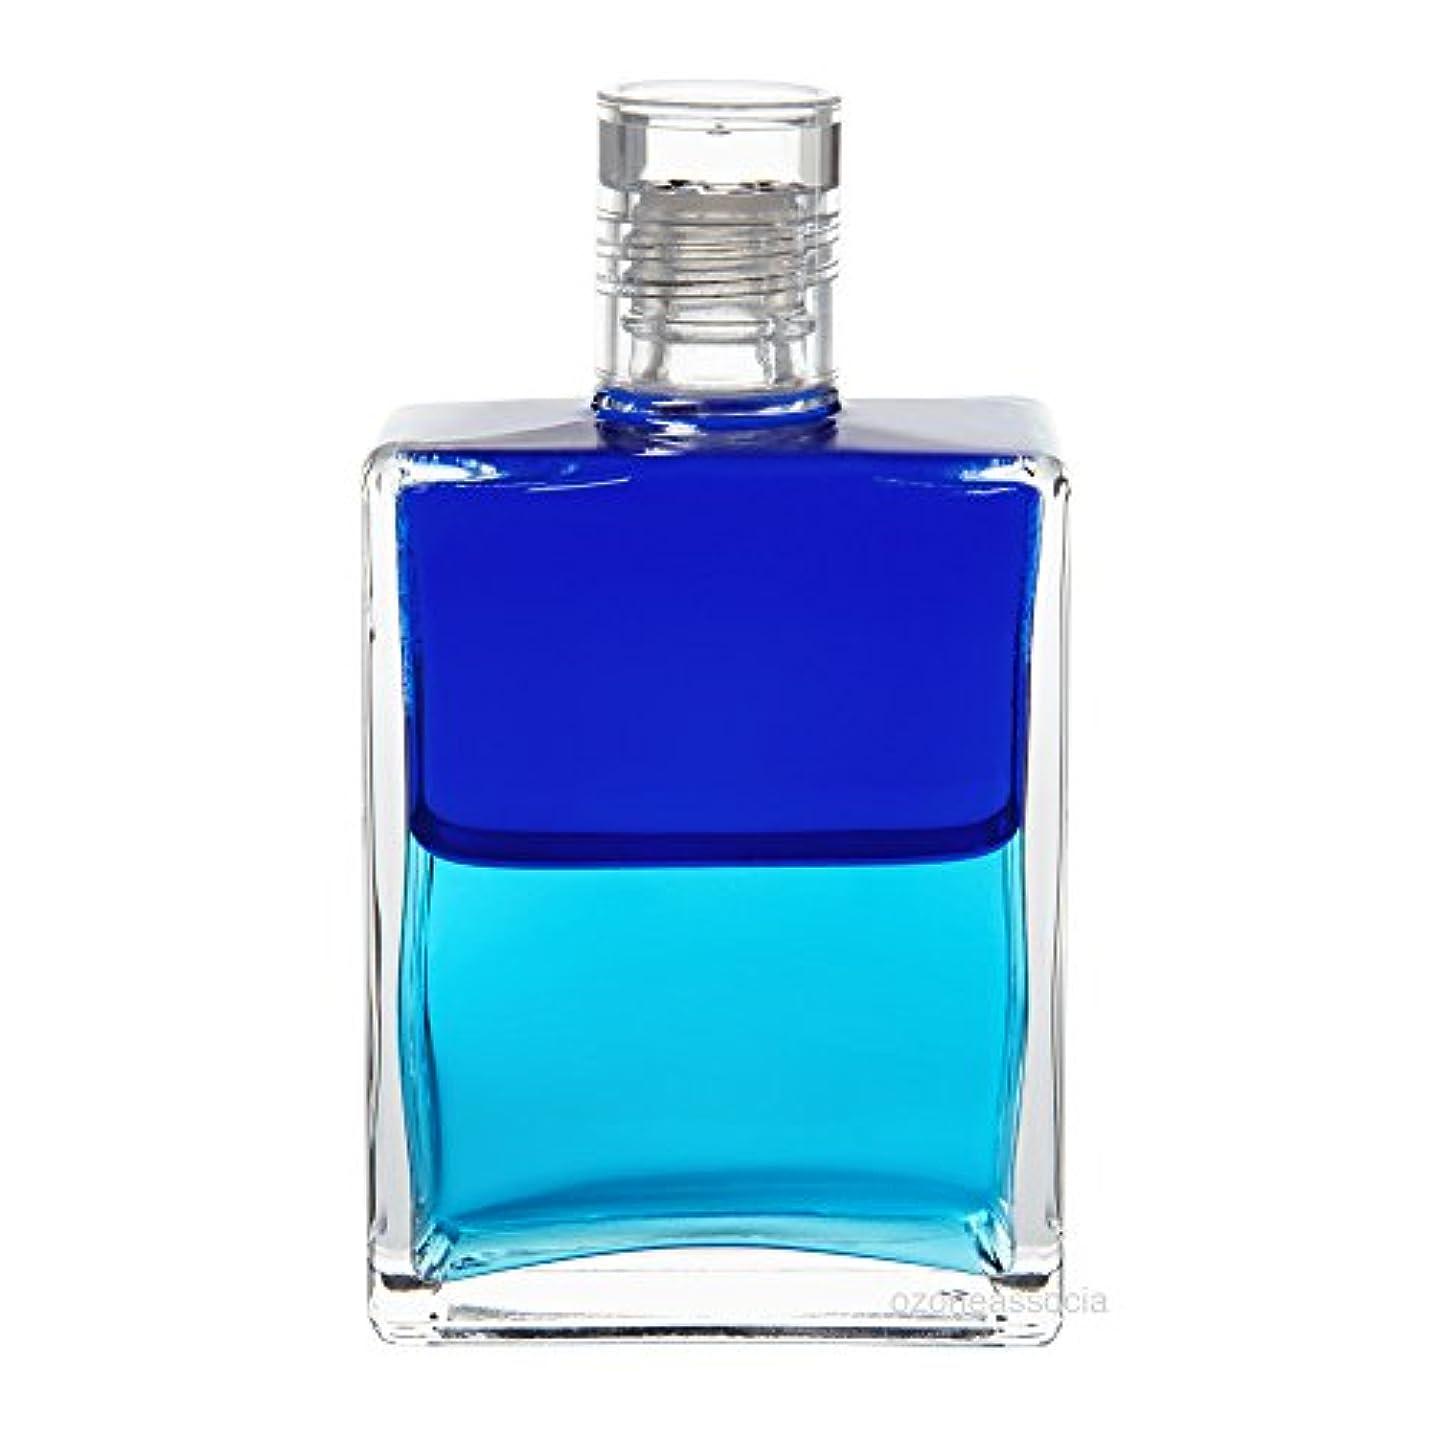 しなやかな気質うなり声オーラソーマ ボトル 33番  ドルフィンボトル/目的をもった平和 (ロイヤルブルー/ターコイズ) イクイリブリアムボトル50ml Aurasoma